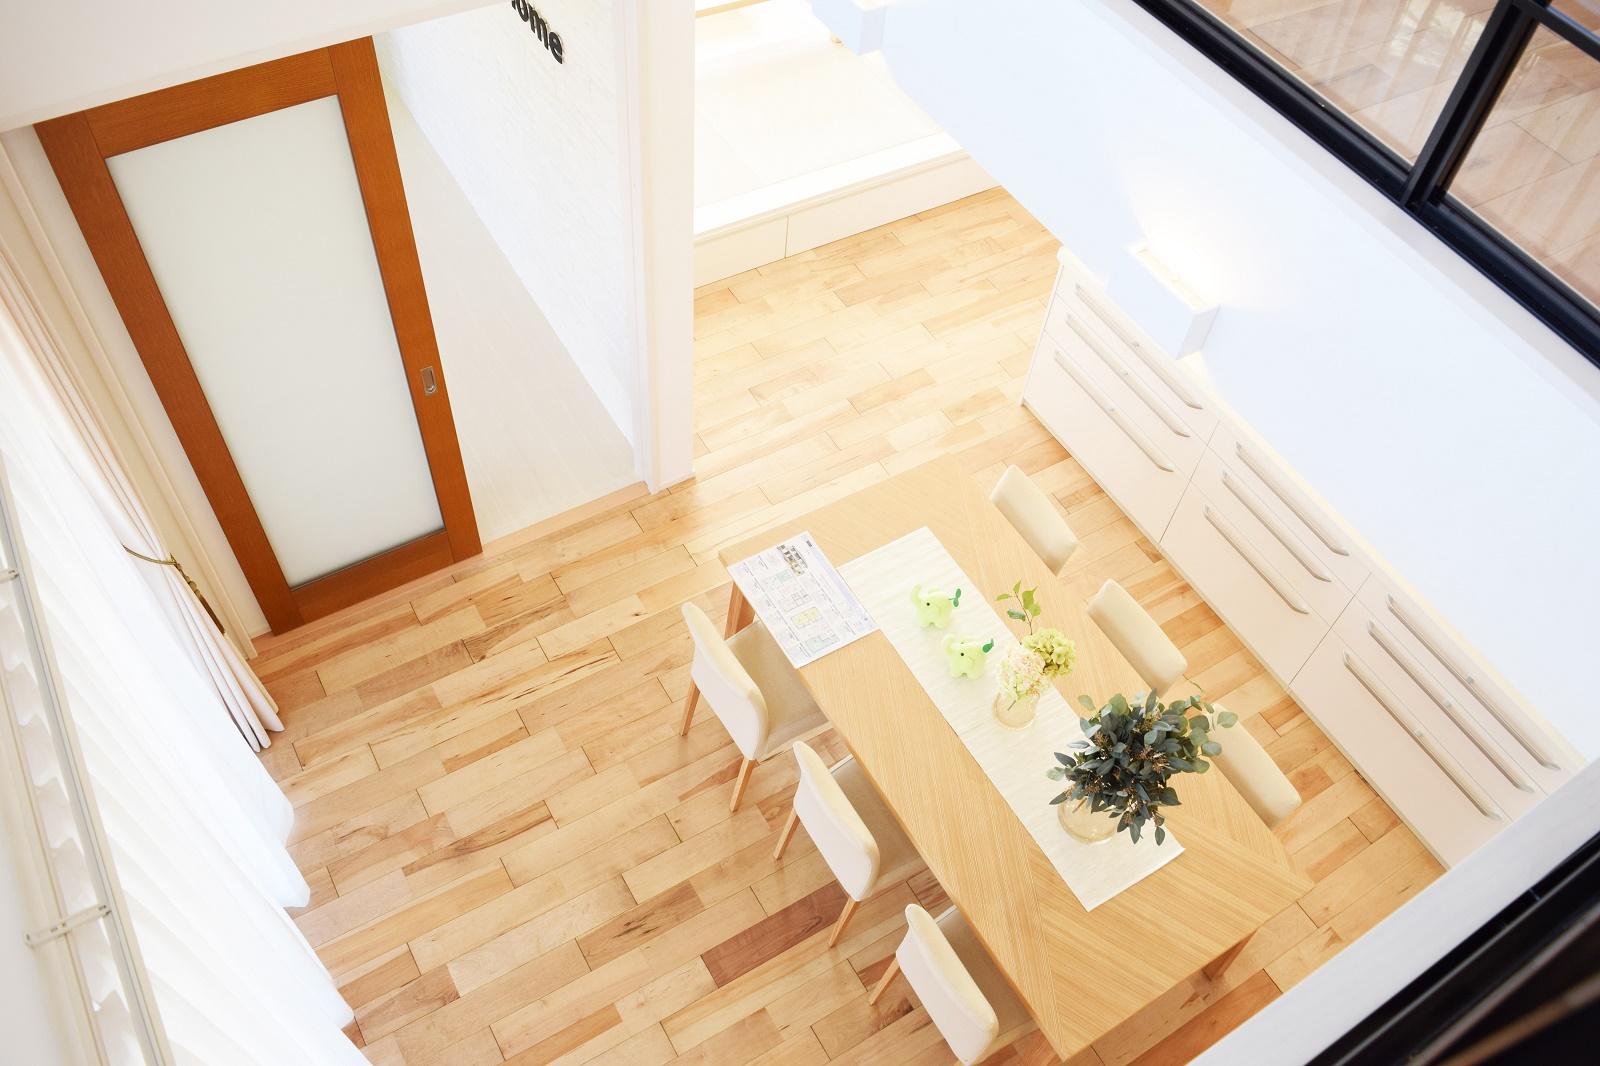 1階と2階を繋げる大きな吹抜け。家族の気配をいつでも感じることが出来ます。また、床暖房の効果も2階に伝わります。